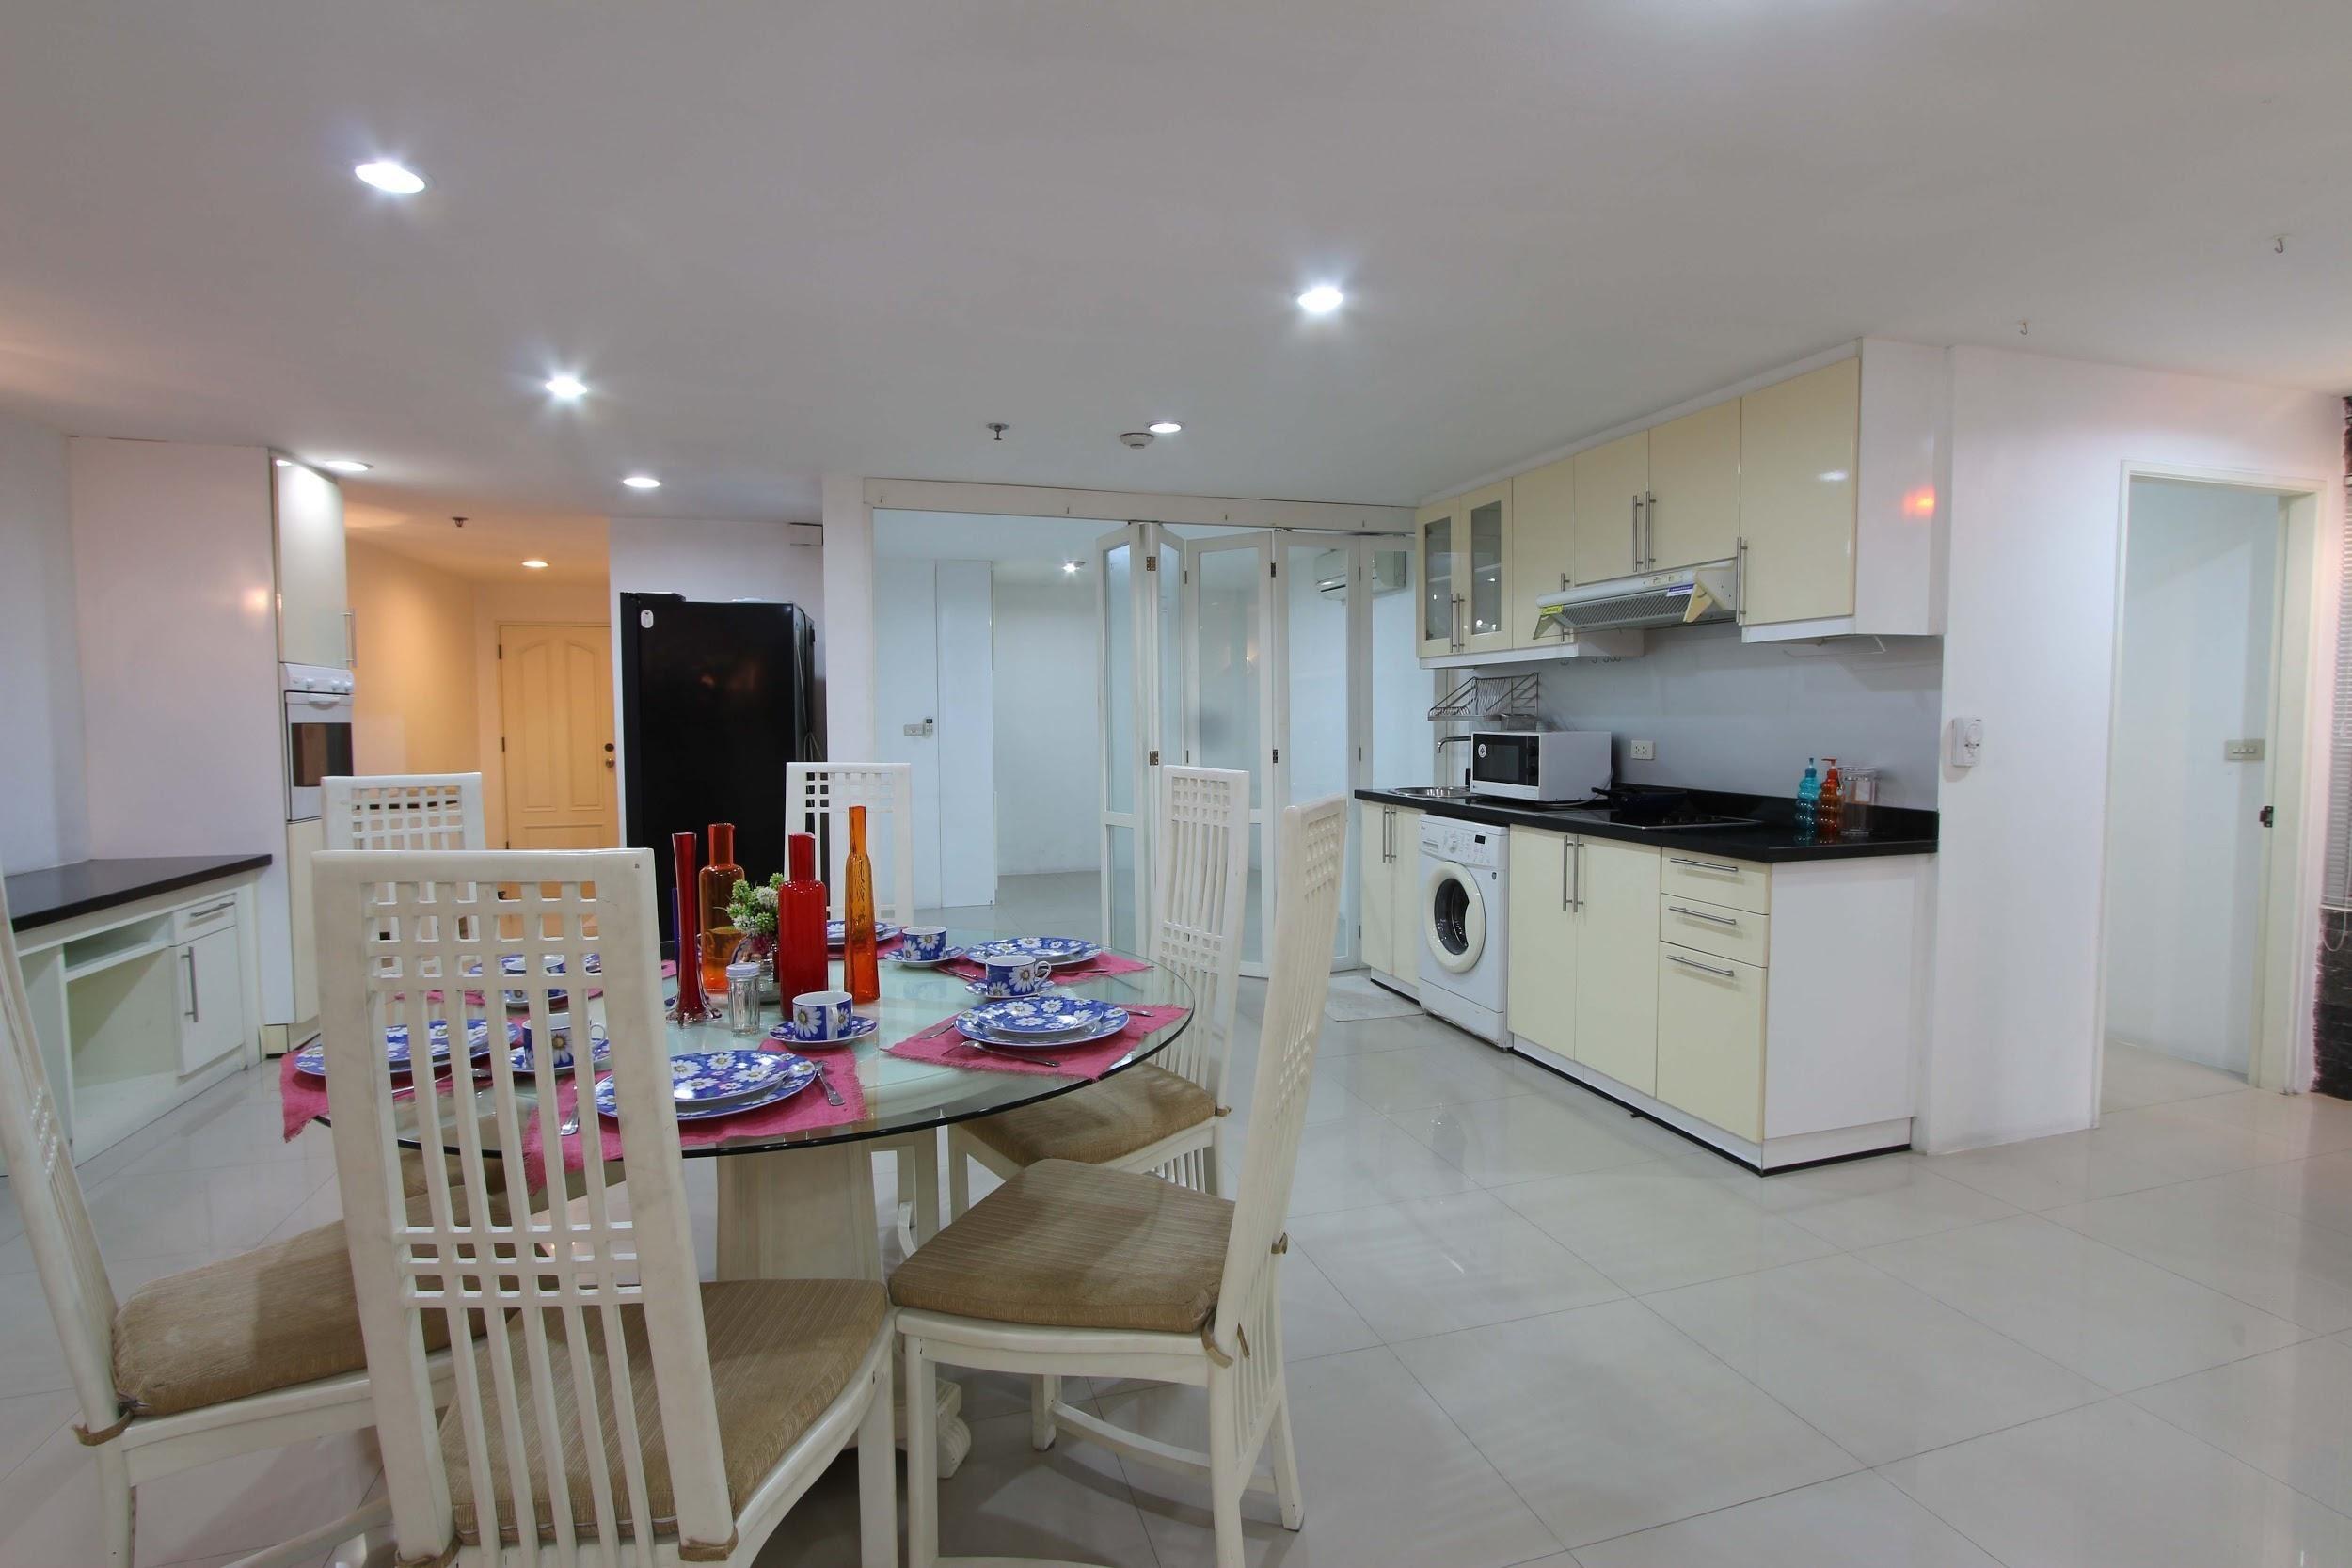 ภาพLas Colinas - Beautifully Furnished 2 Bedrooms / Ready To Move In / Unblocked Views